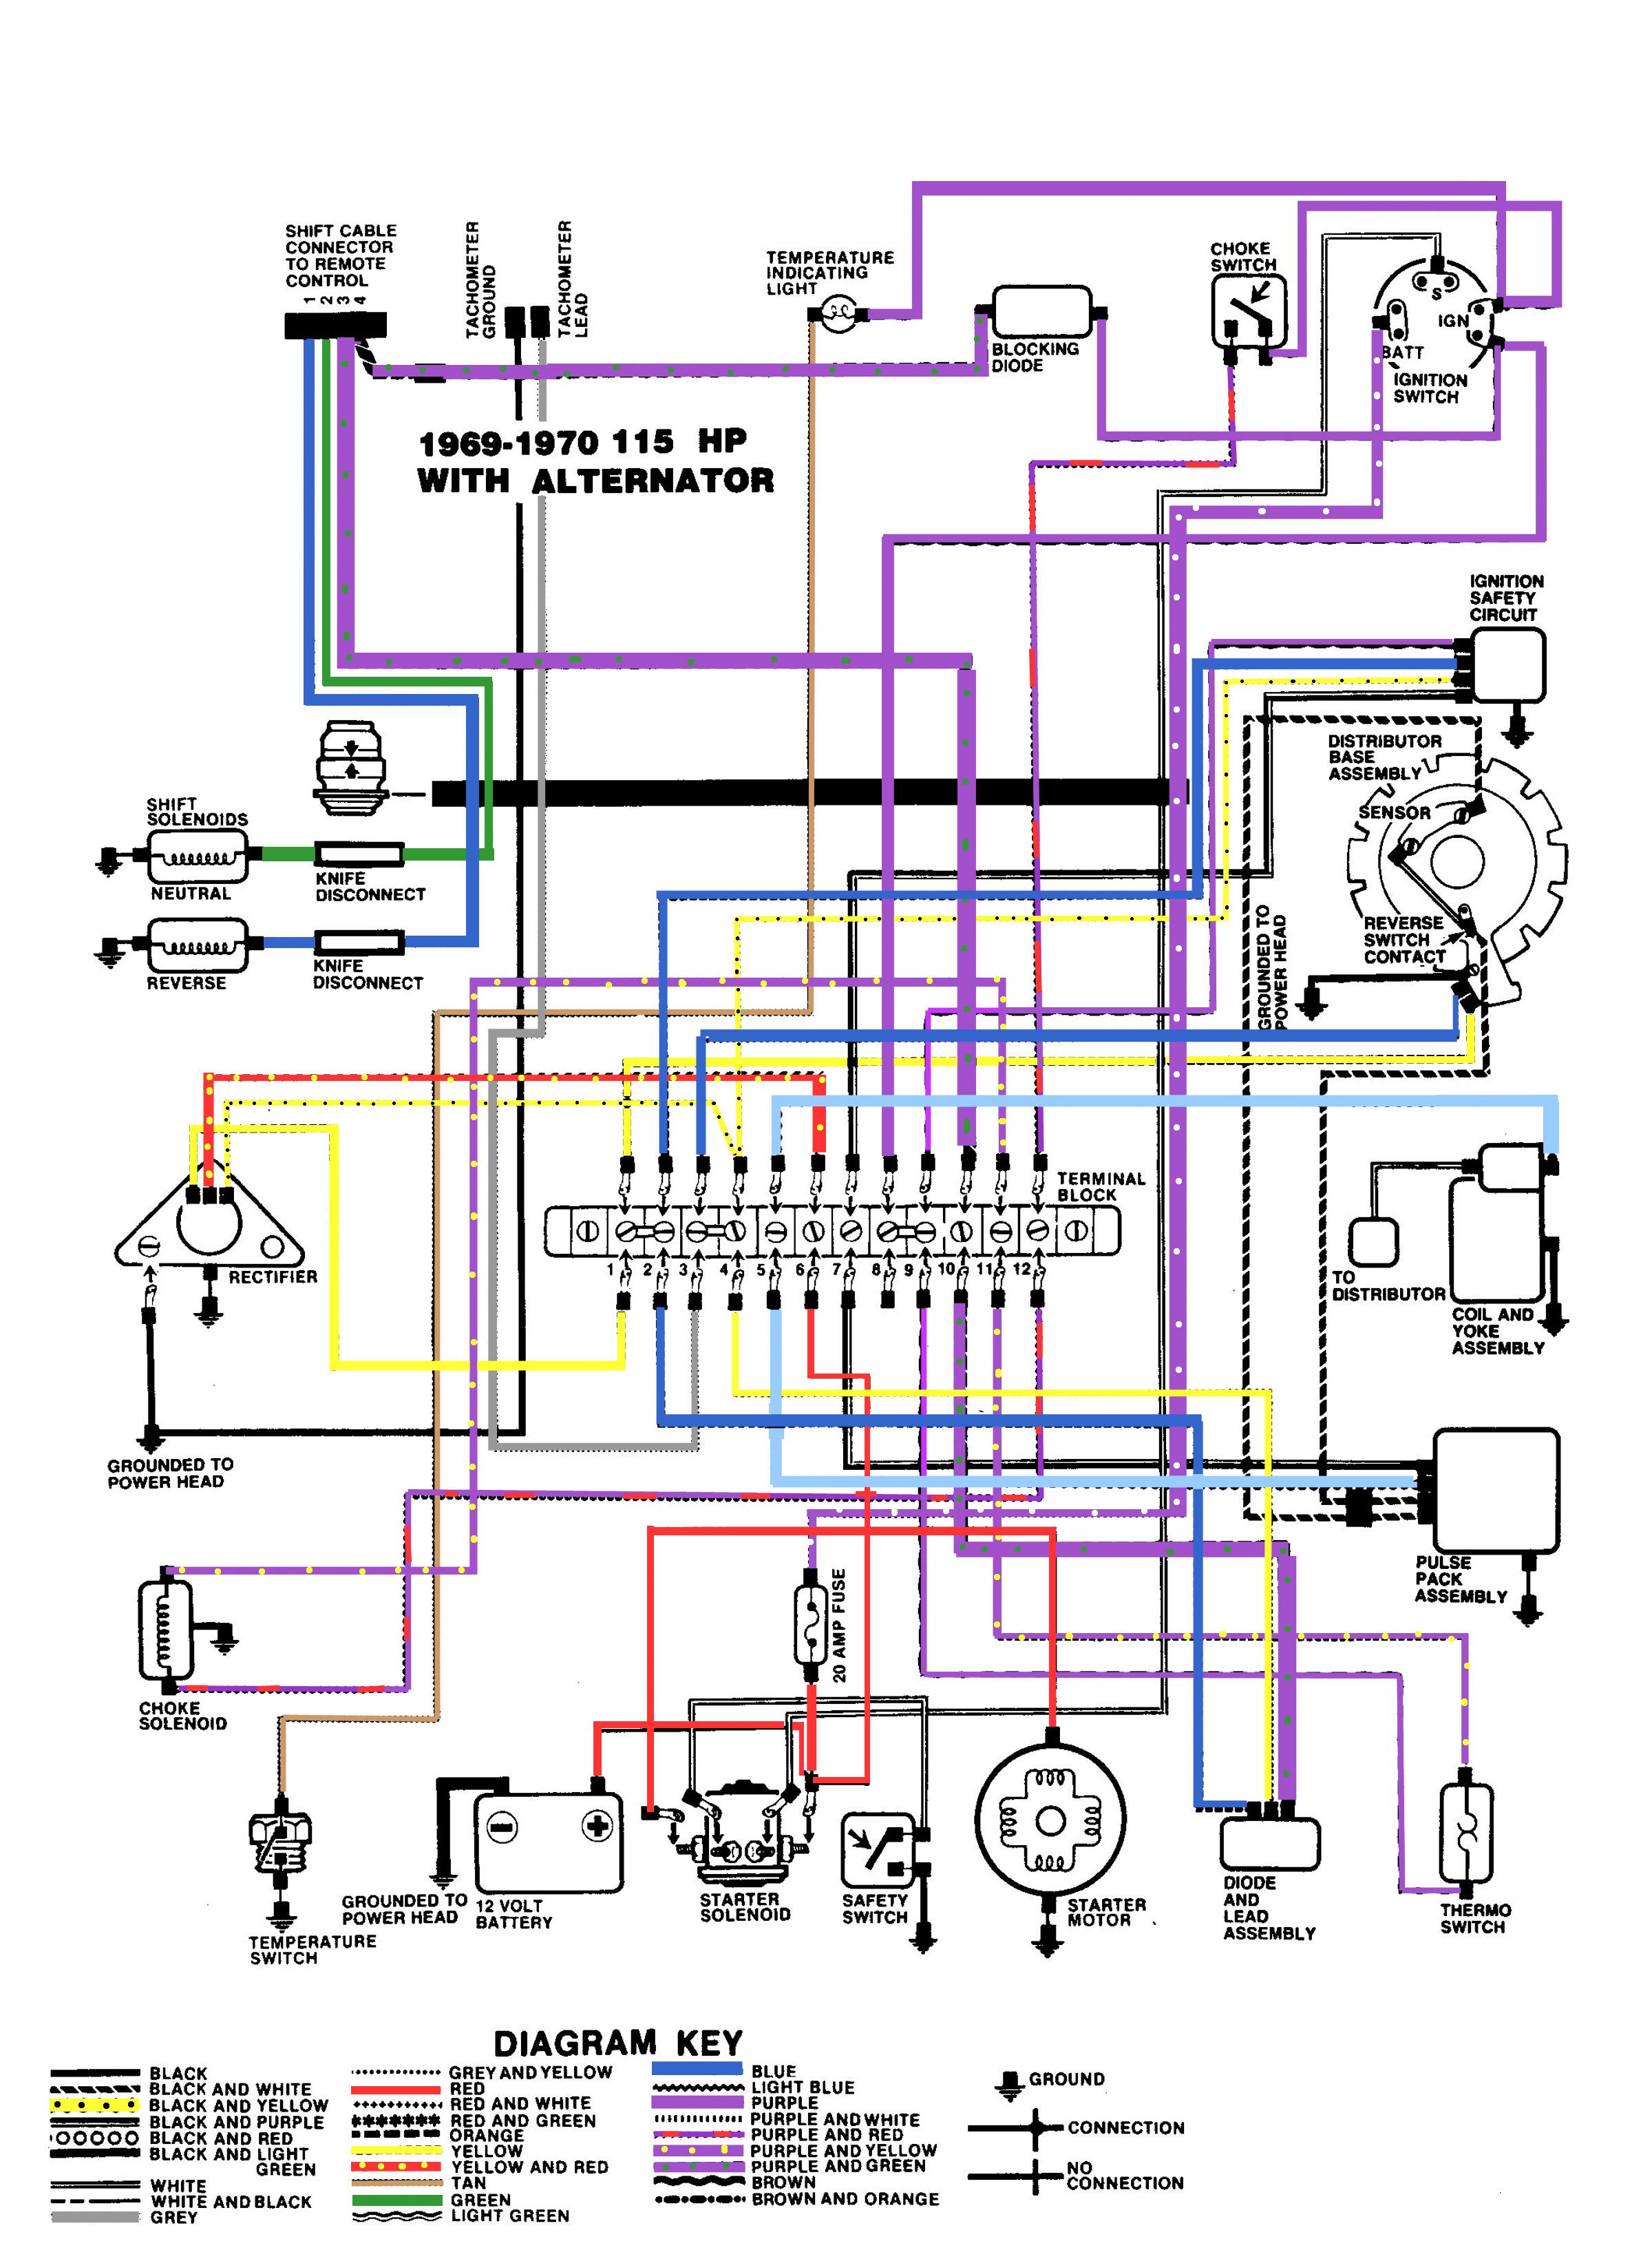 Hp Wiring Schematic | Wiring Diagram - Mercury Outboard Wiring Diagram Schematic